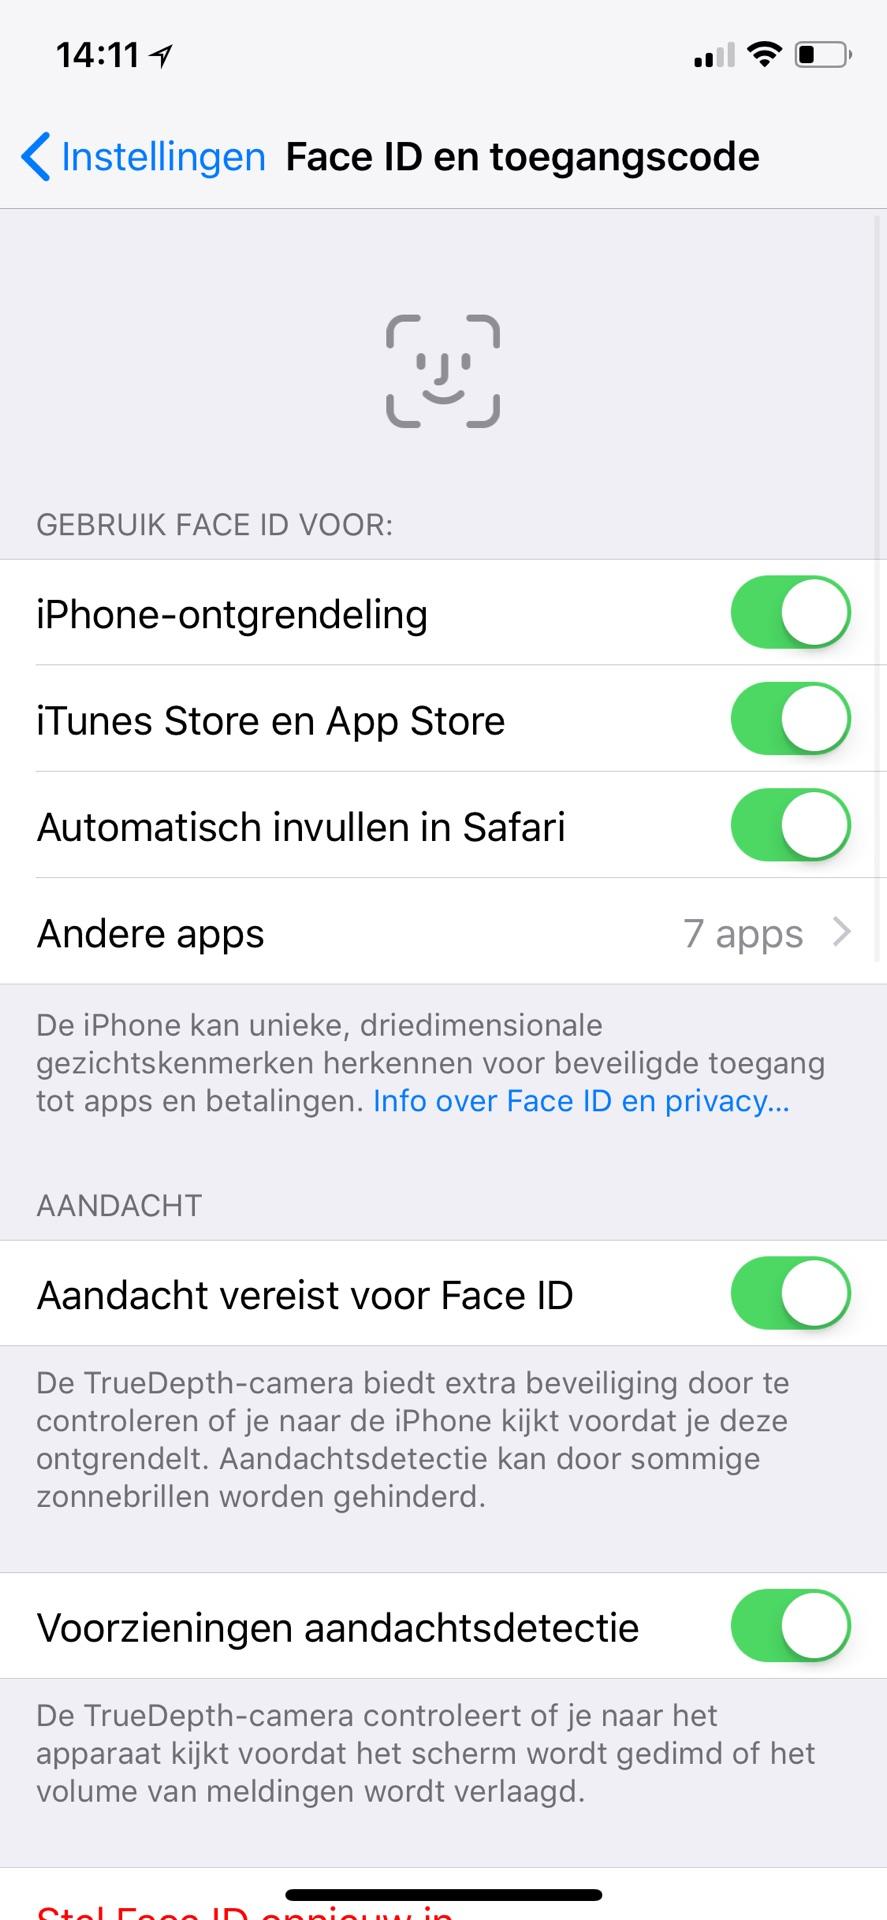 Face ID werkt niet goed: deze 3 tips kunnen je helpen